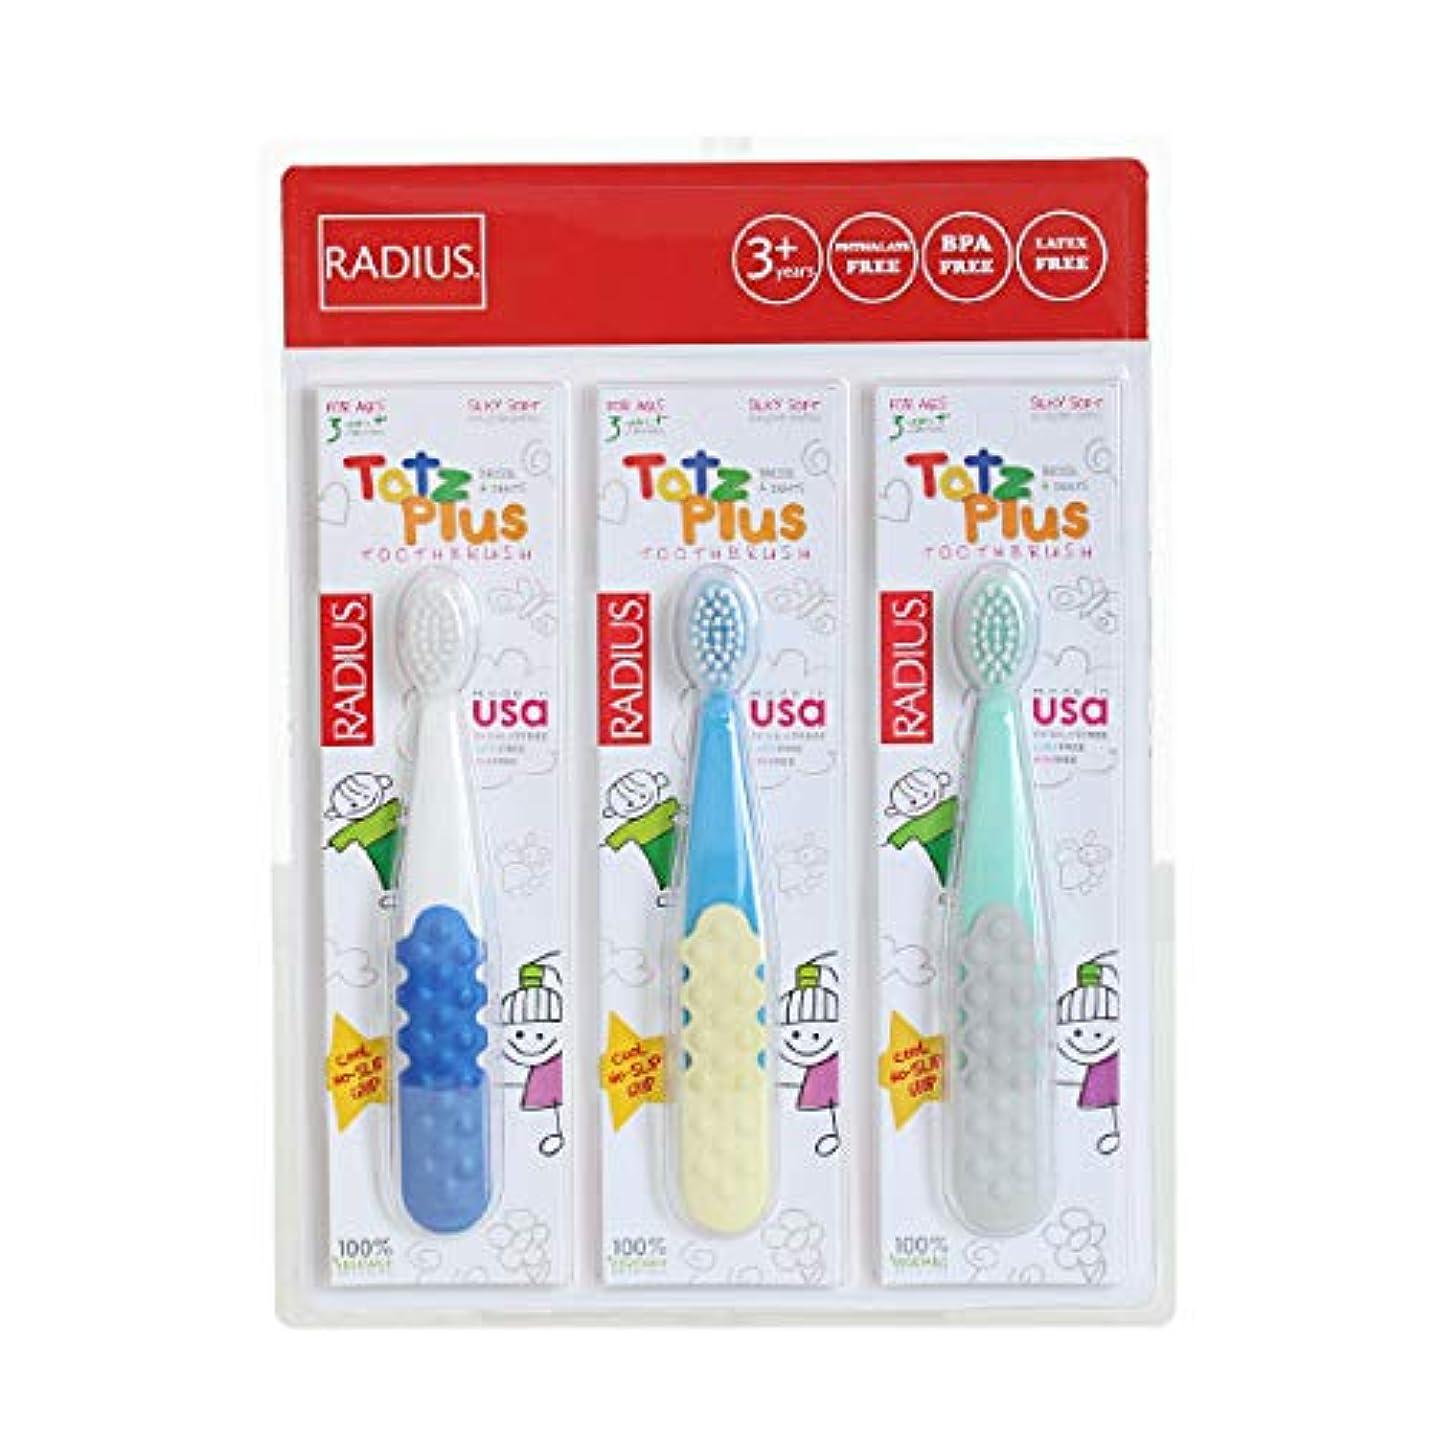 承認する評価可能ディーラーラディウス Totz Plus Toothbrush 歯ブラシ, 3年+ シルキーソフト, 100% 野菜剛毛 3パック [並行輸入品]